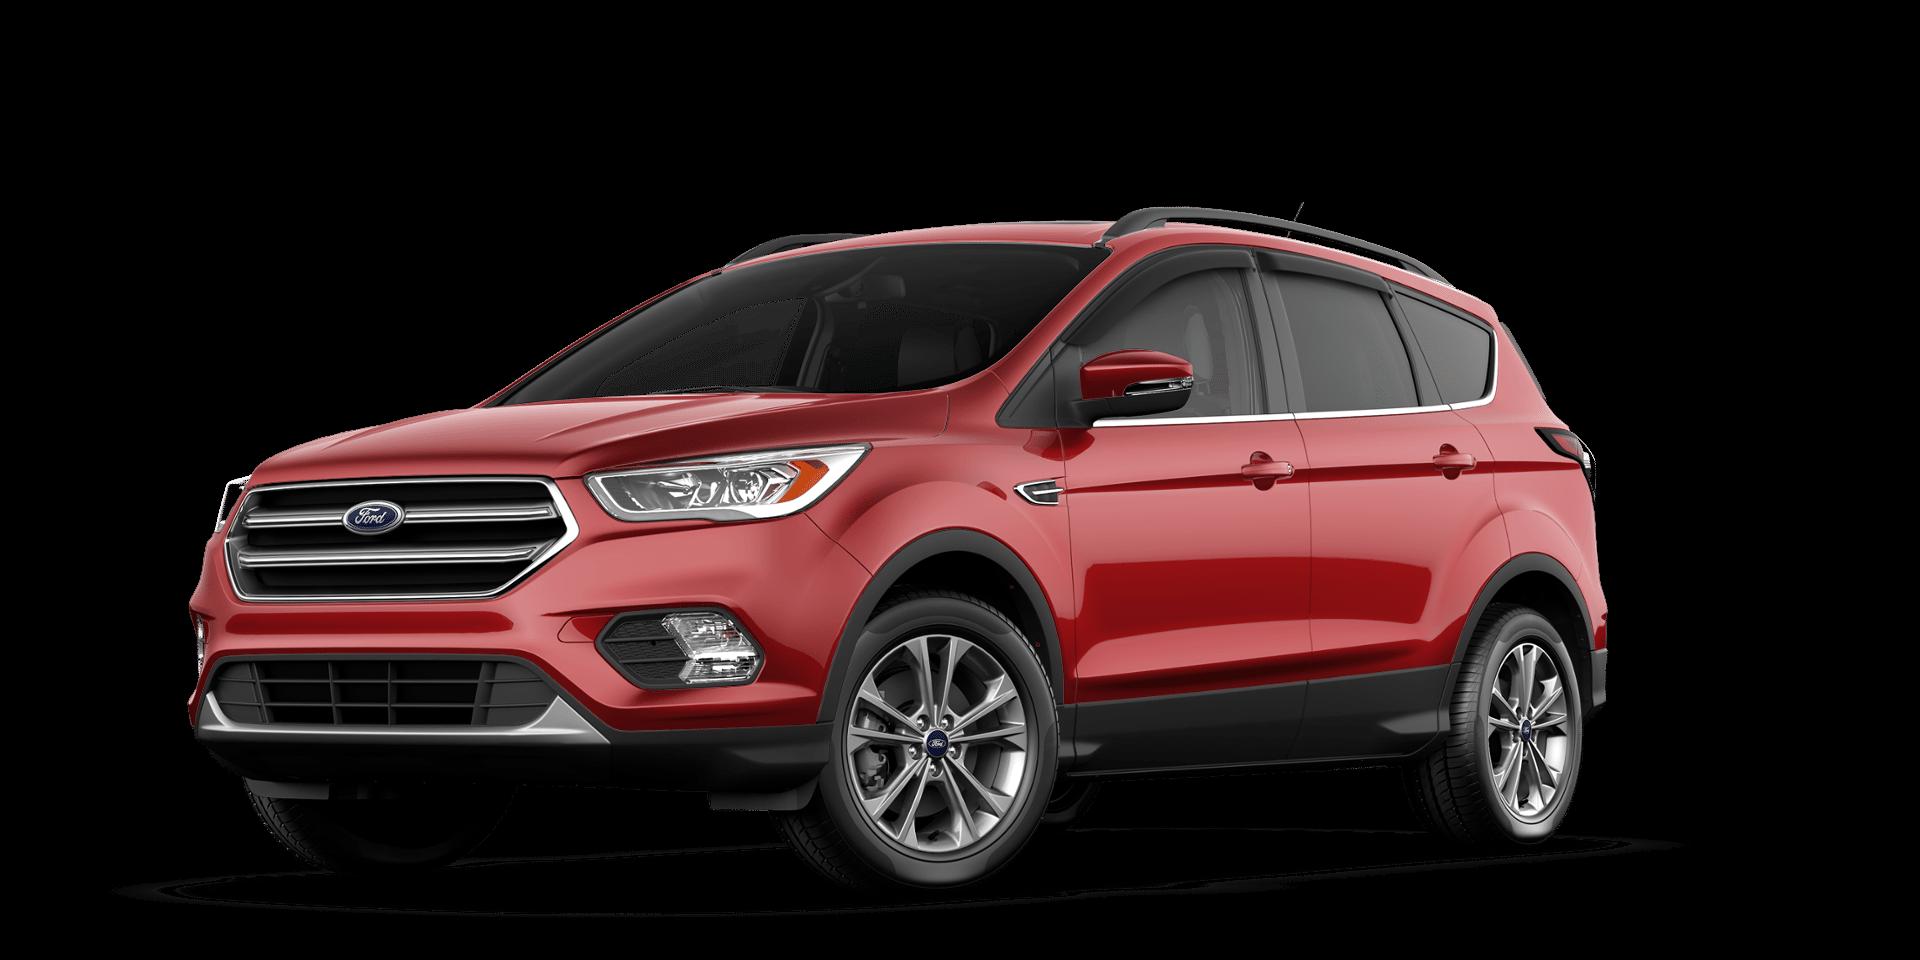 2017 ford escape build price